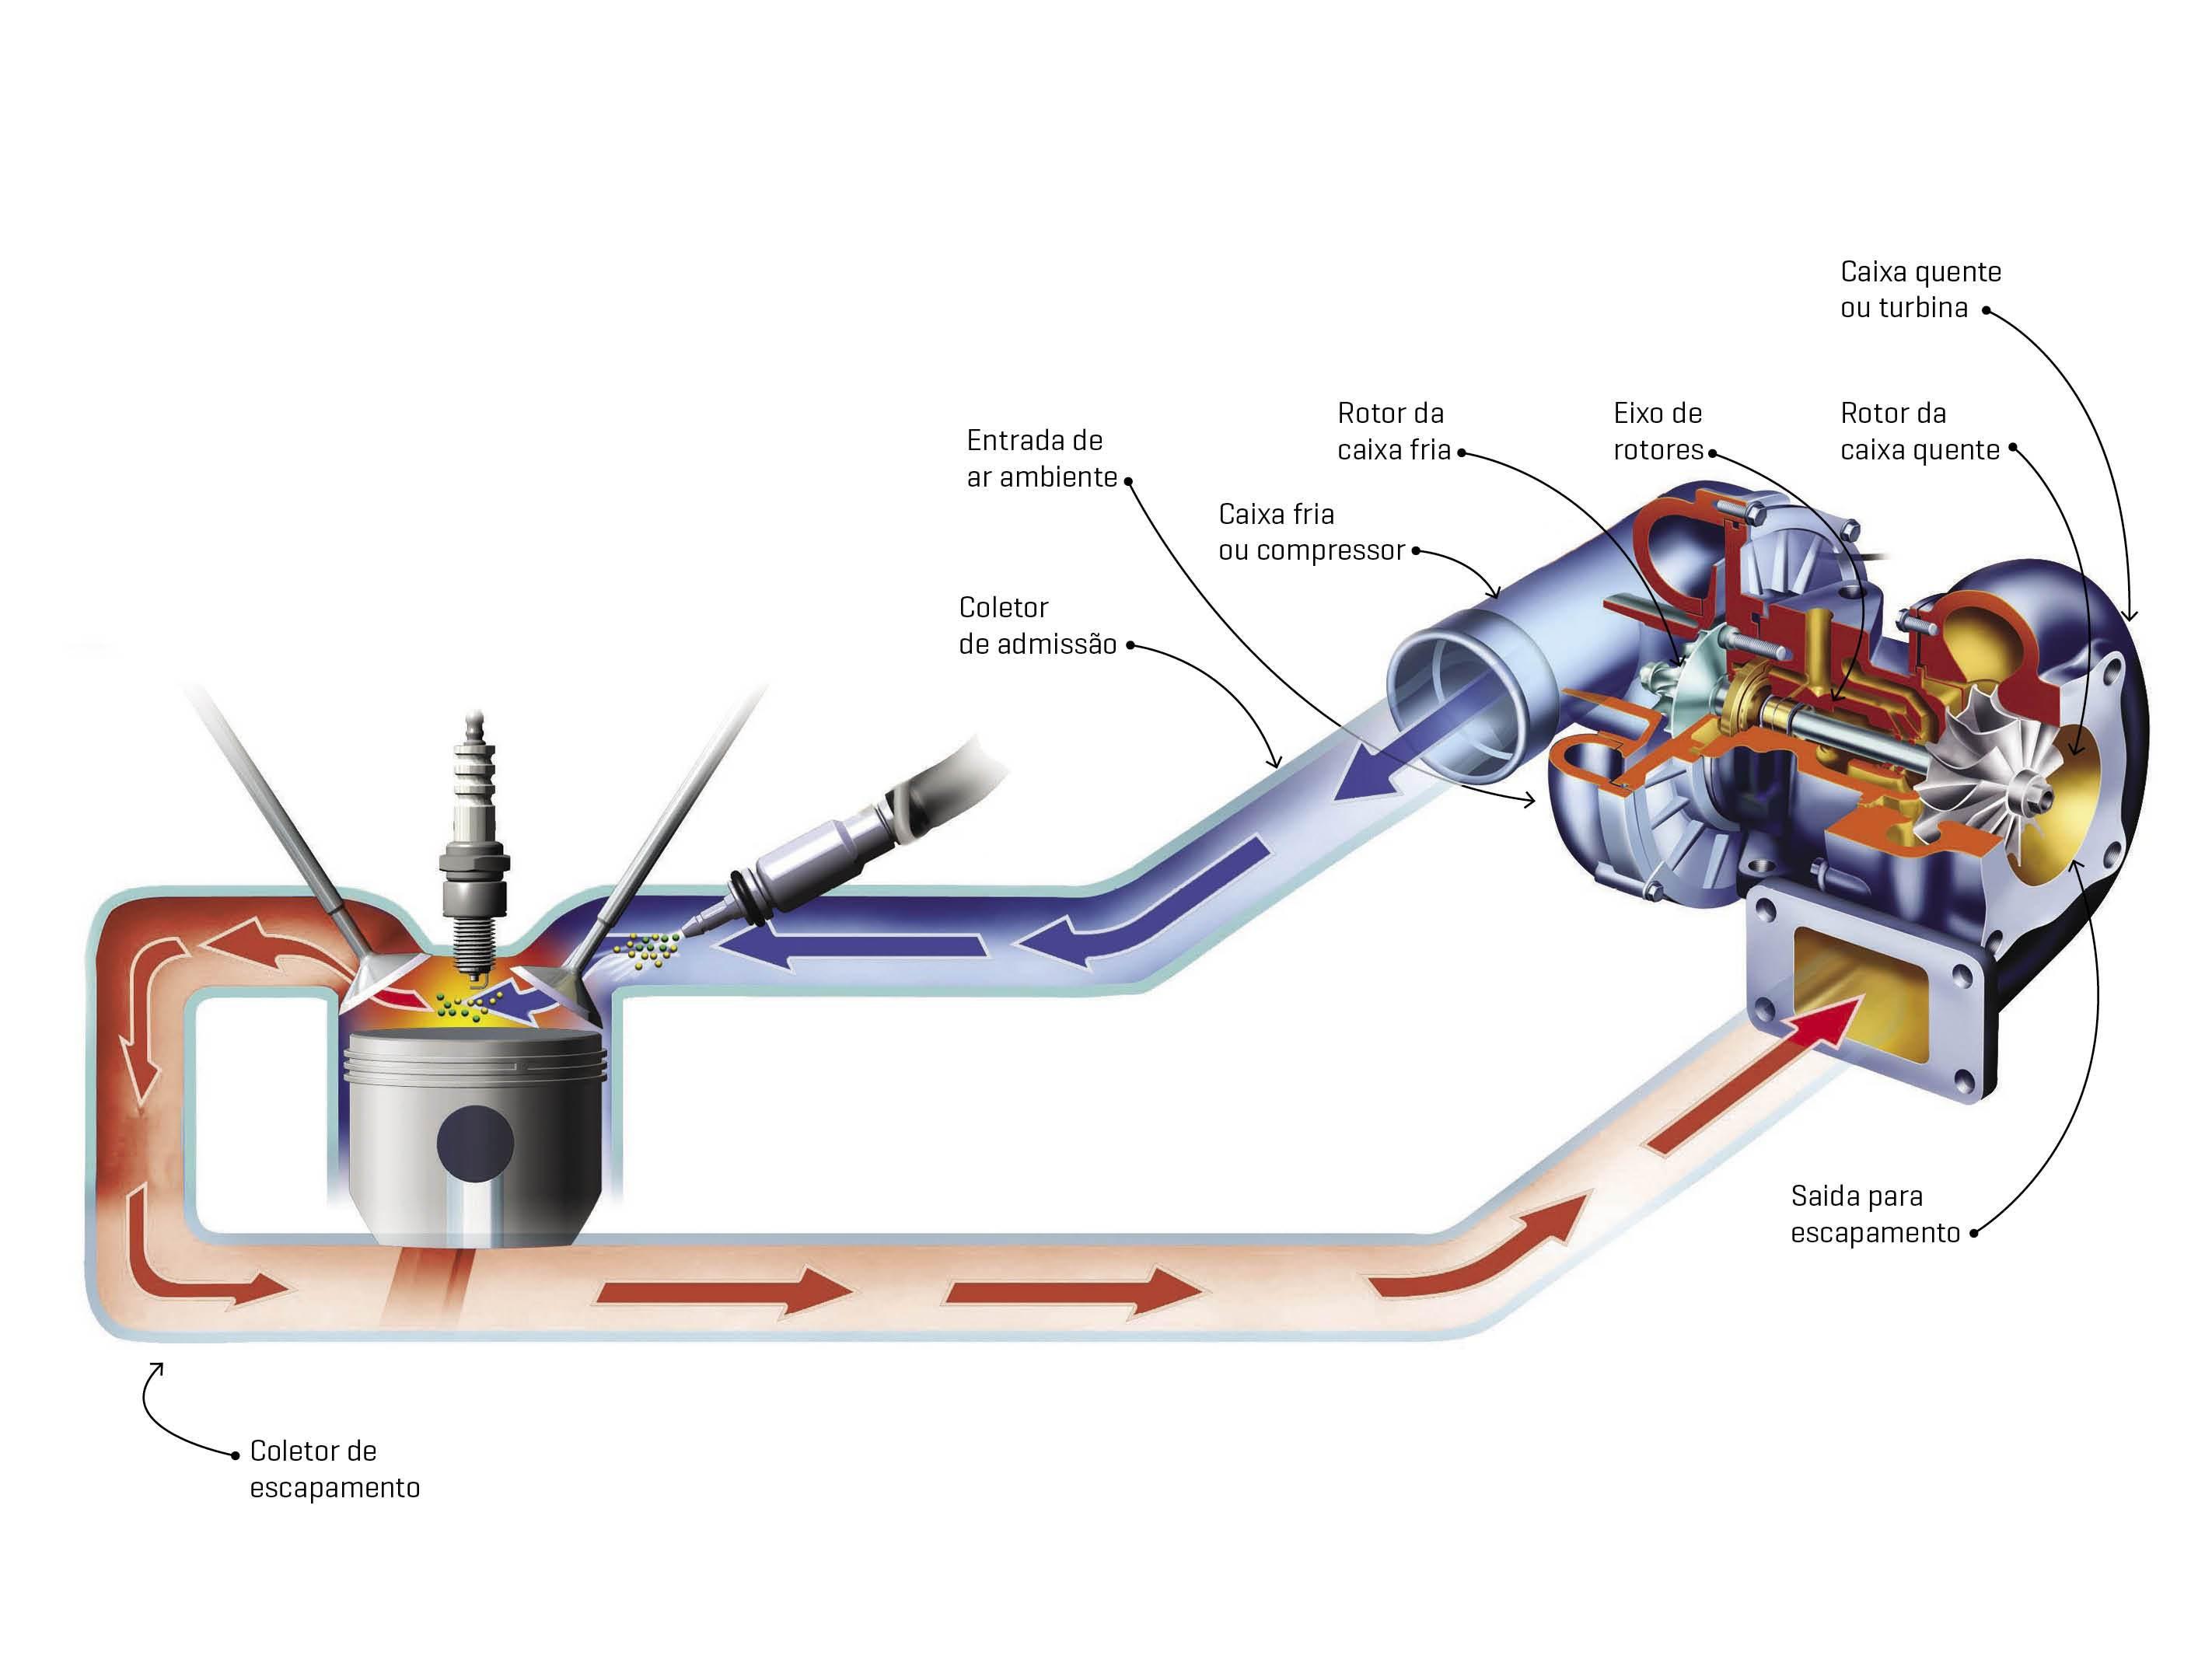 motor turbo diesel para carros movidos a diesel são leopoldo diesel oleo diesel para geradores